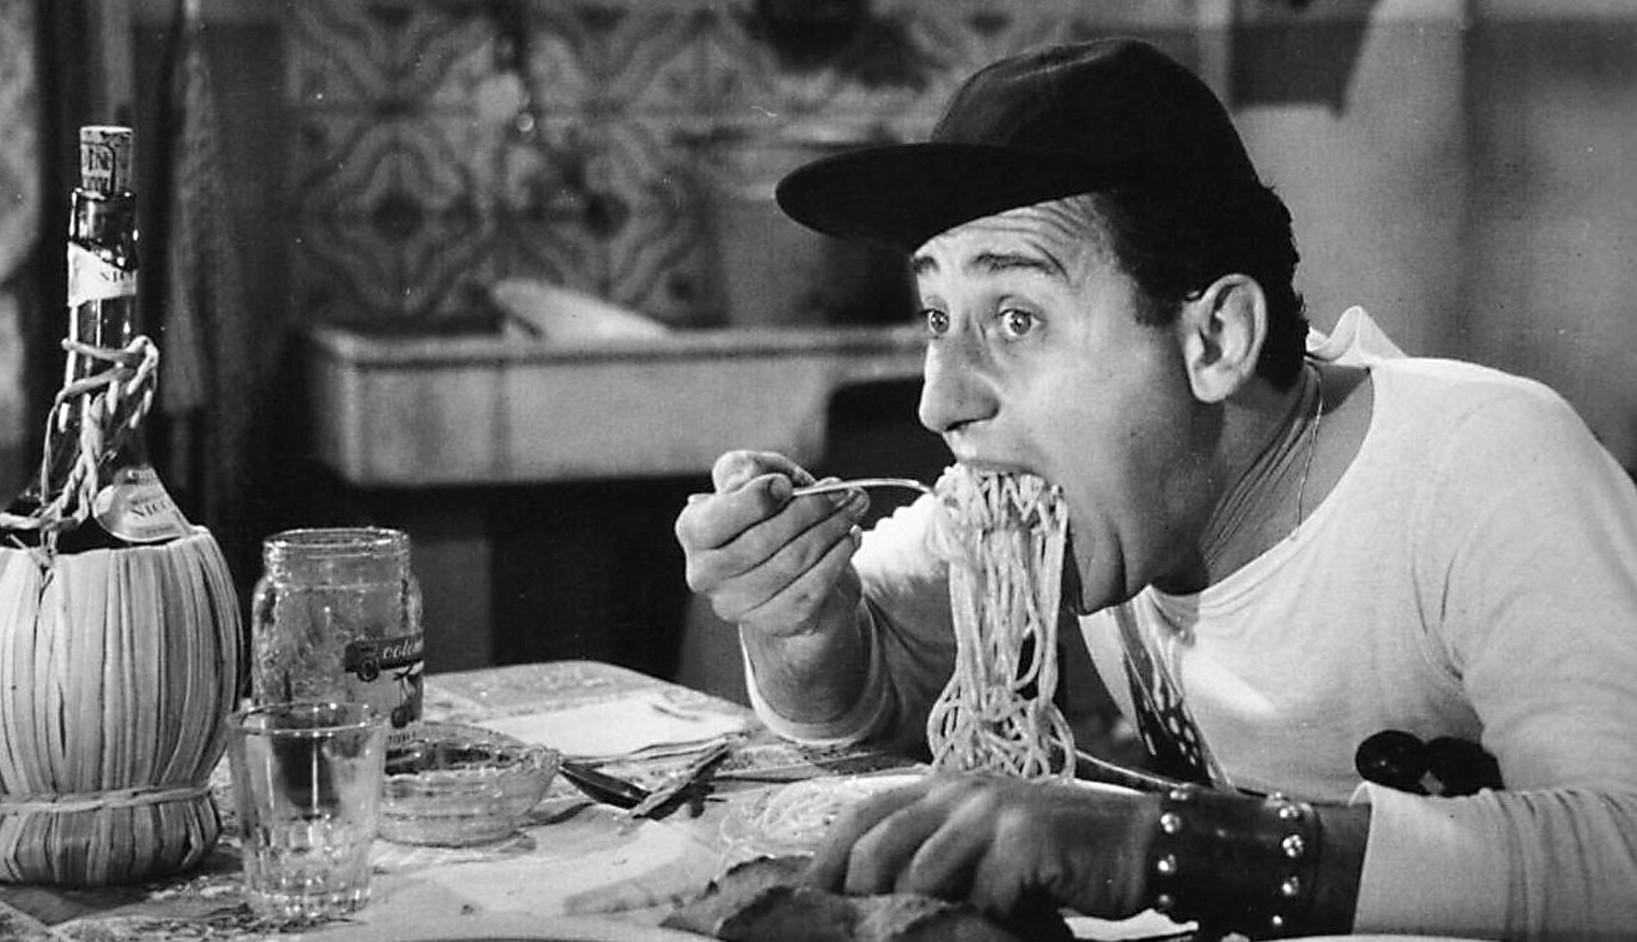 alberto_sordi_scena_degli_spaghetti_un_americano_a_roma_1954.jpg